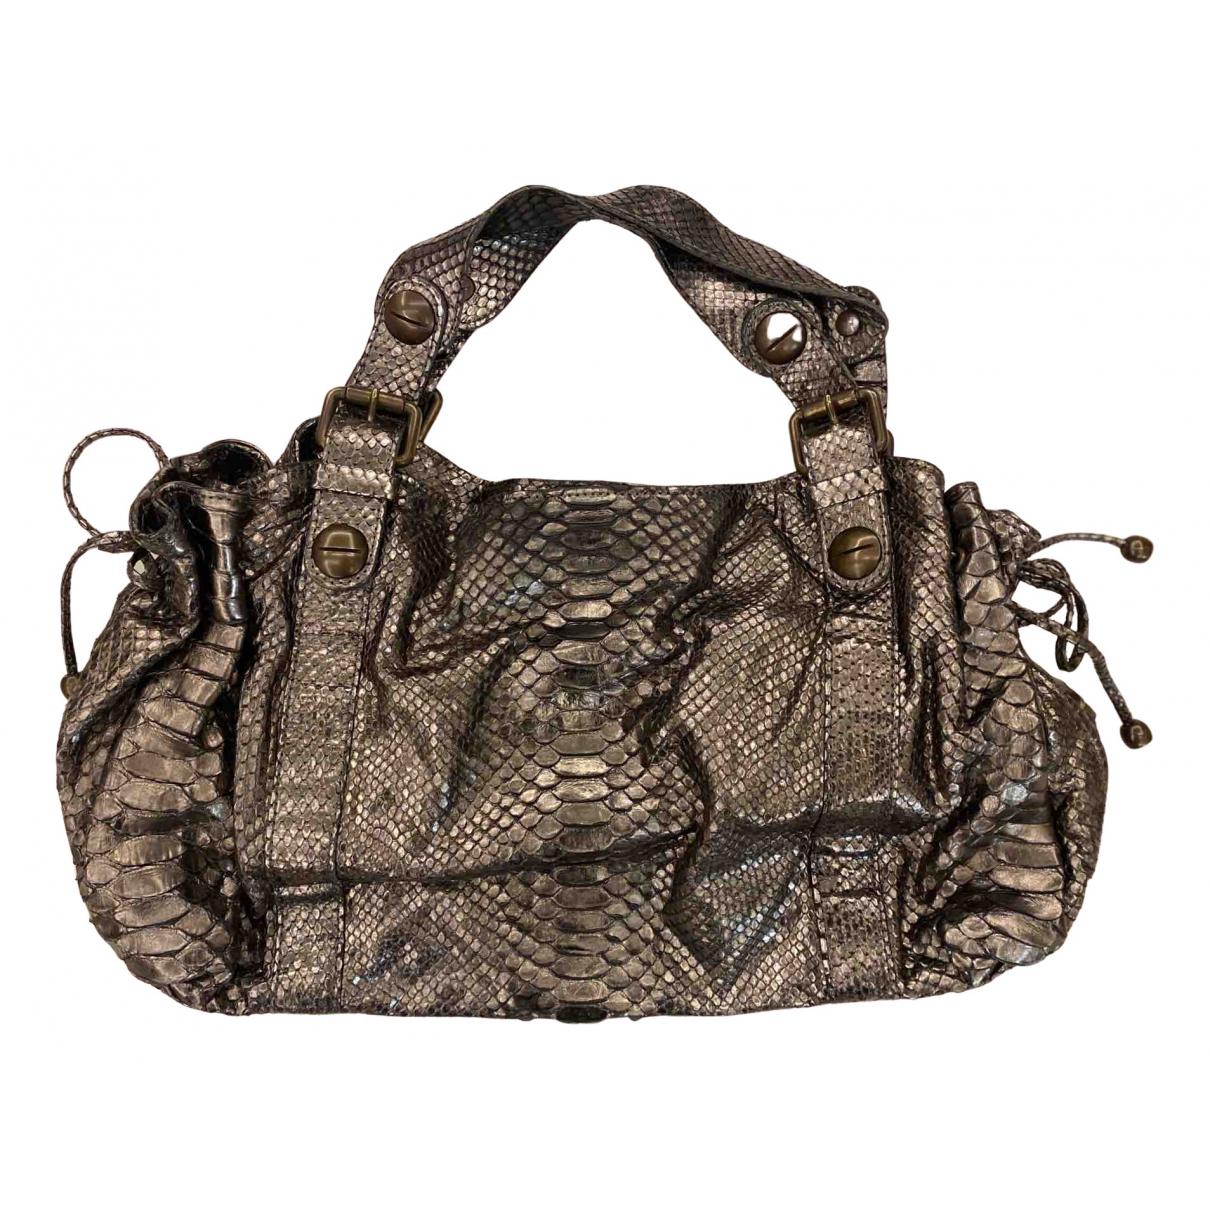 Gerard Darel 24h Handtasche in  Metallic Python